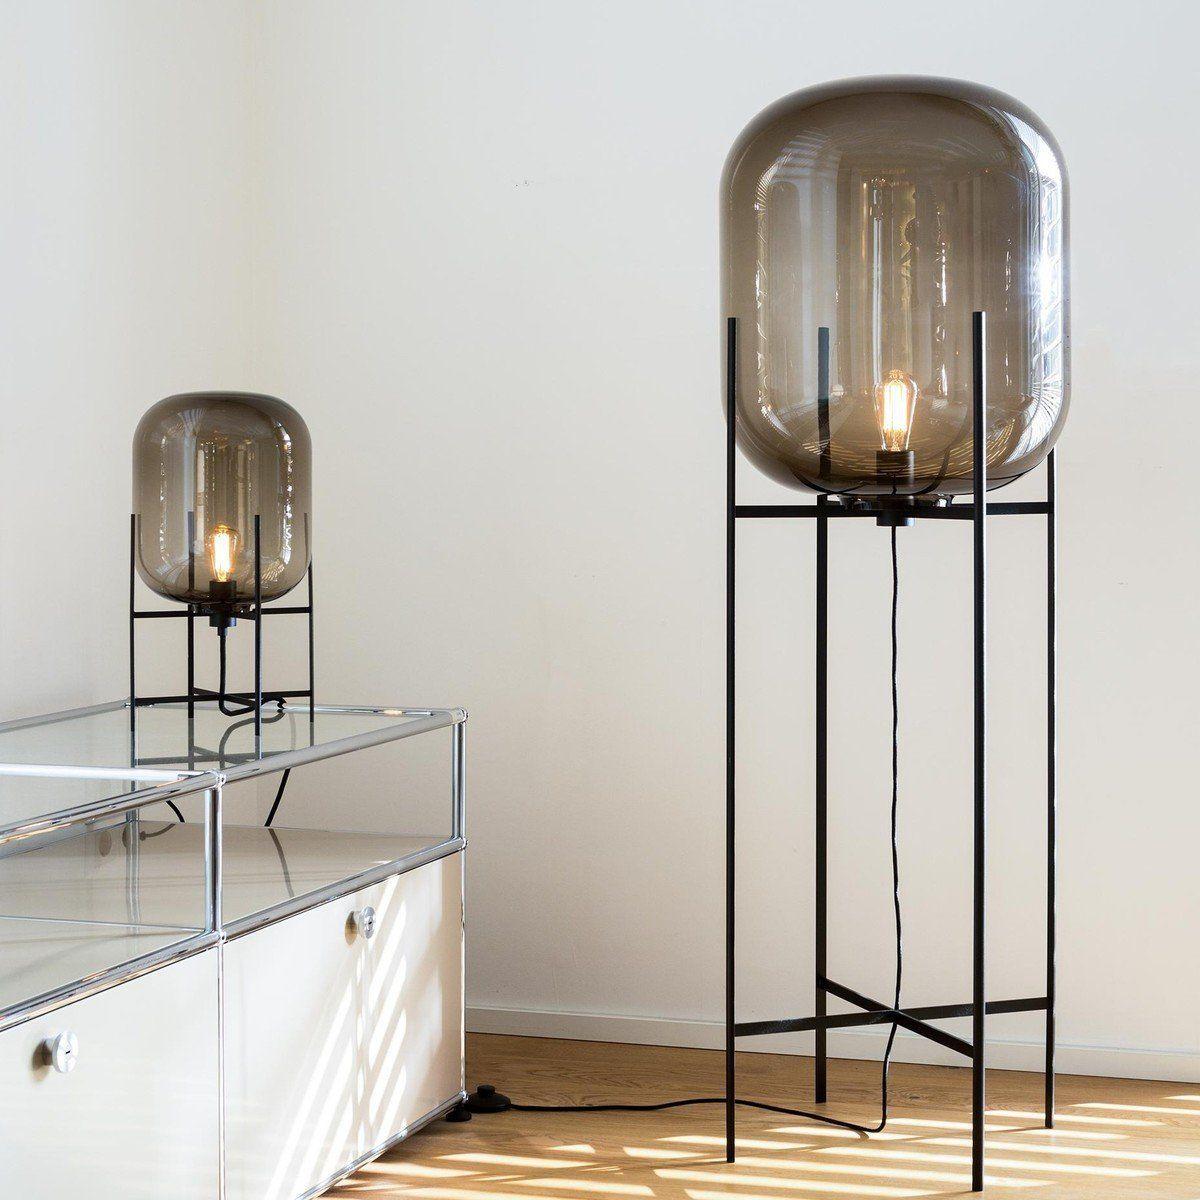 Oda big floor lamp h 140cm pulpo ambientedirect pulpo oda big floor lamp h 140cm aloadofball Images